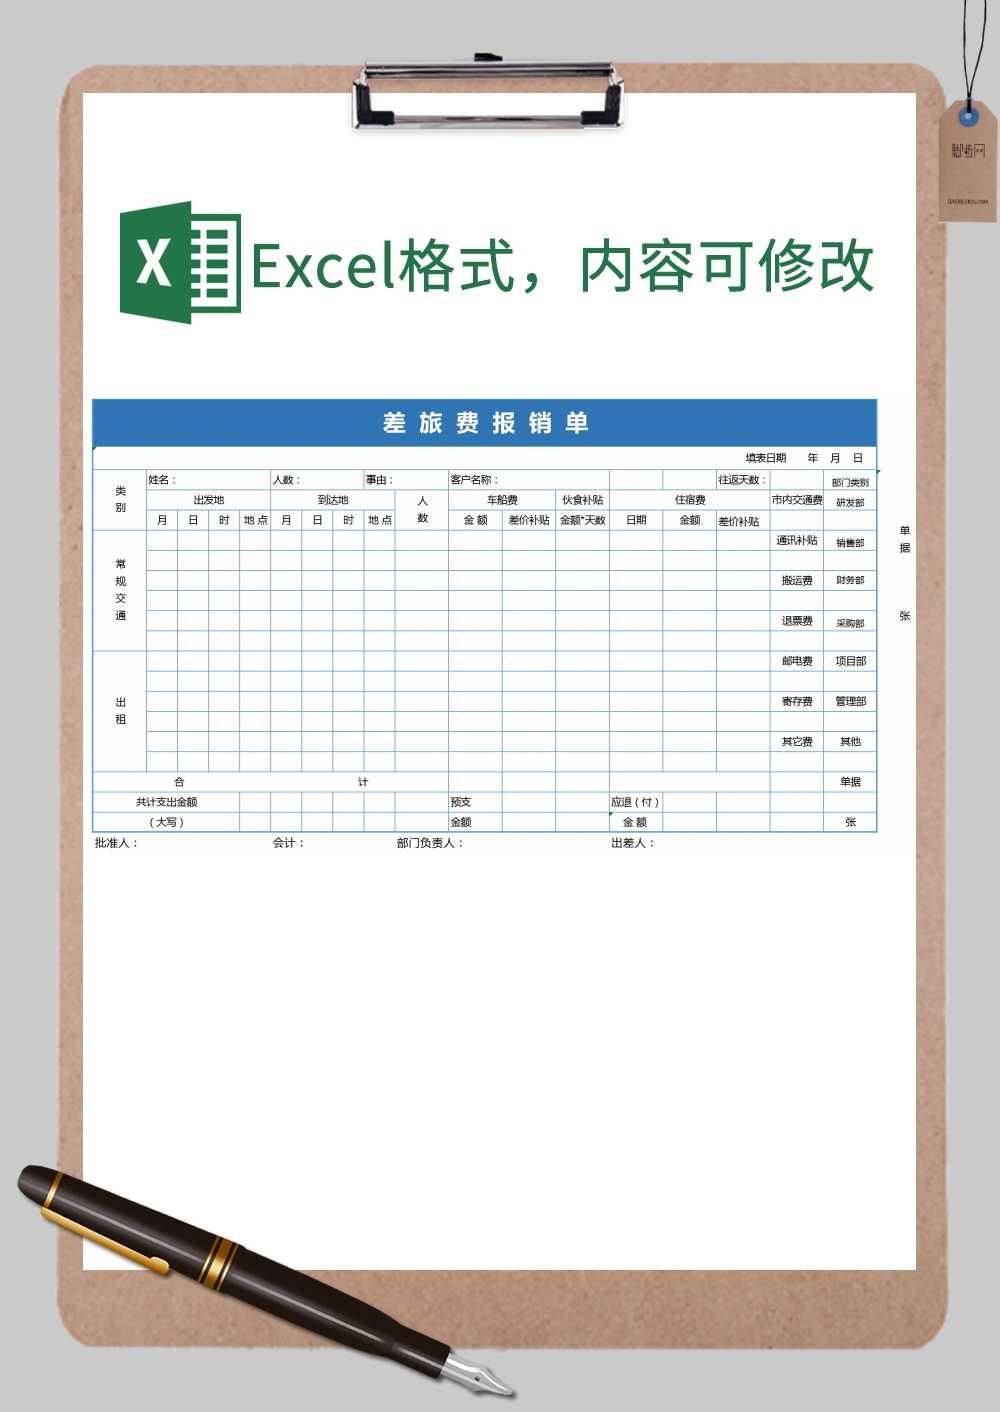 差旅费报销单财务部报表Excel模板